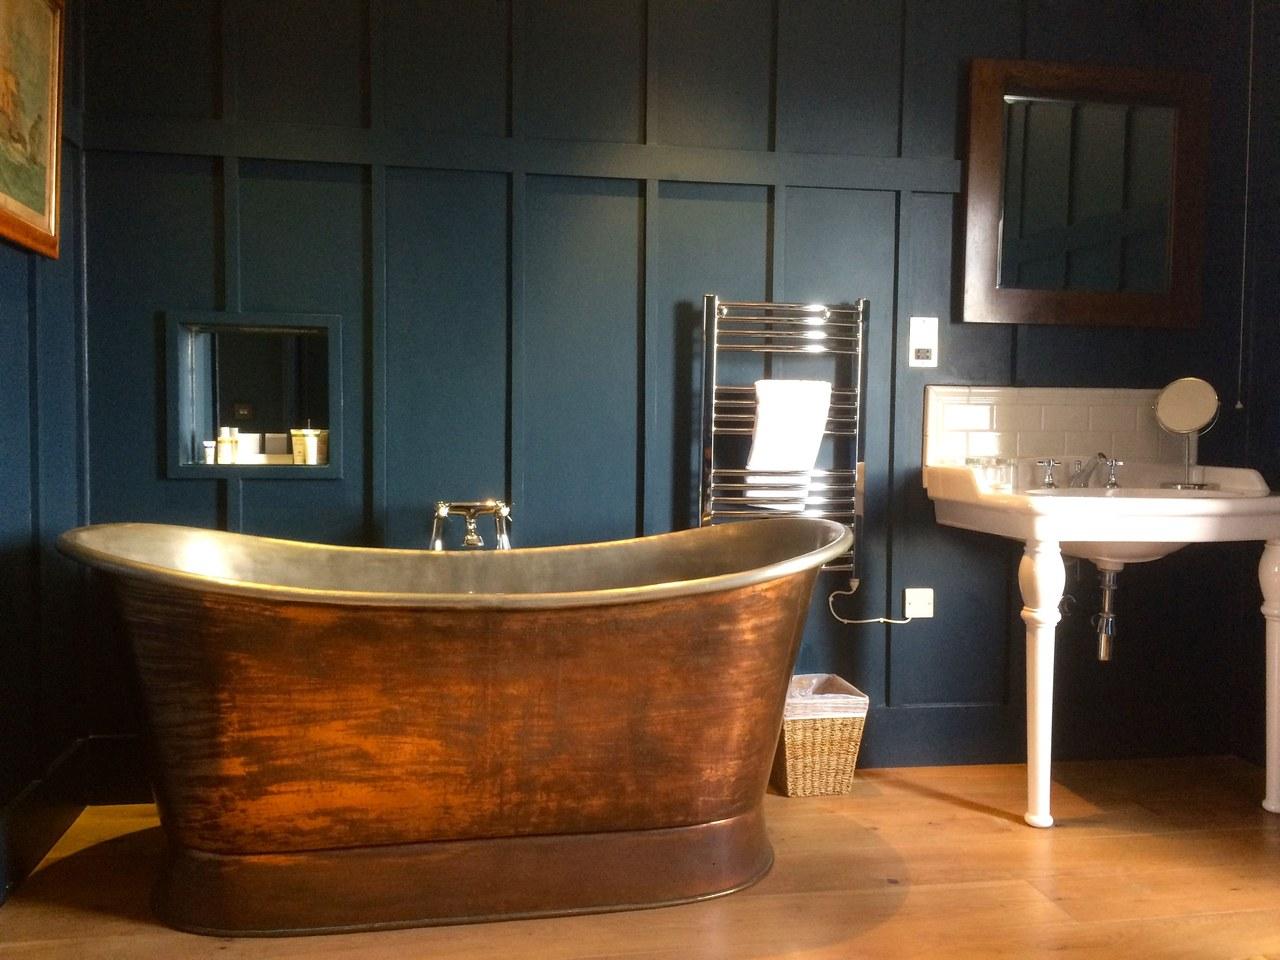 Bathroom with copper bath